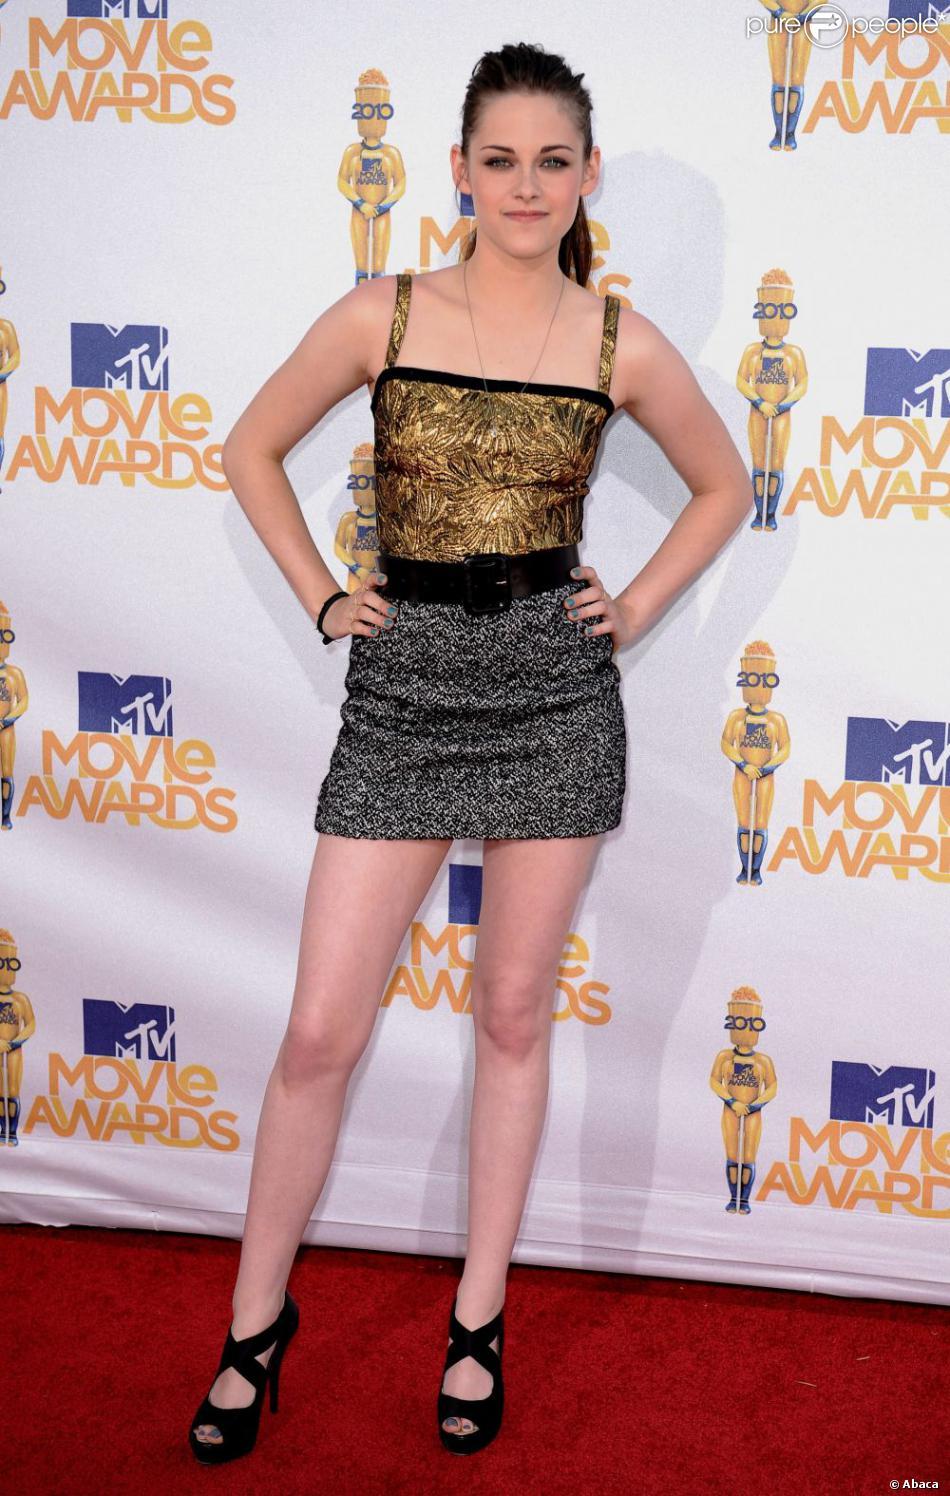 Kirsten Stewart ose la robe ultra courte bicolore, or et argenté Bof,  bof ! Los Angeles, 6 juin 2010